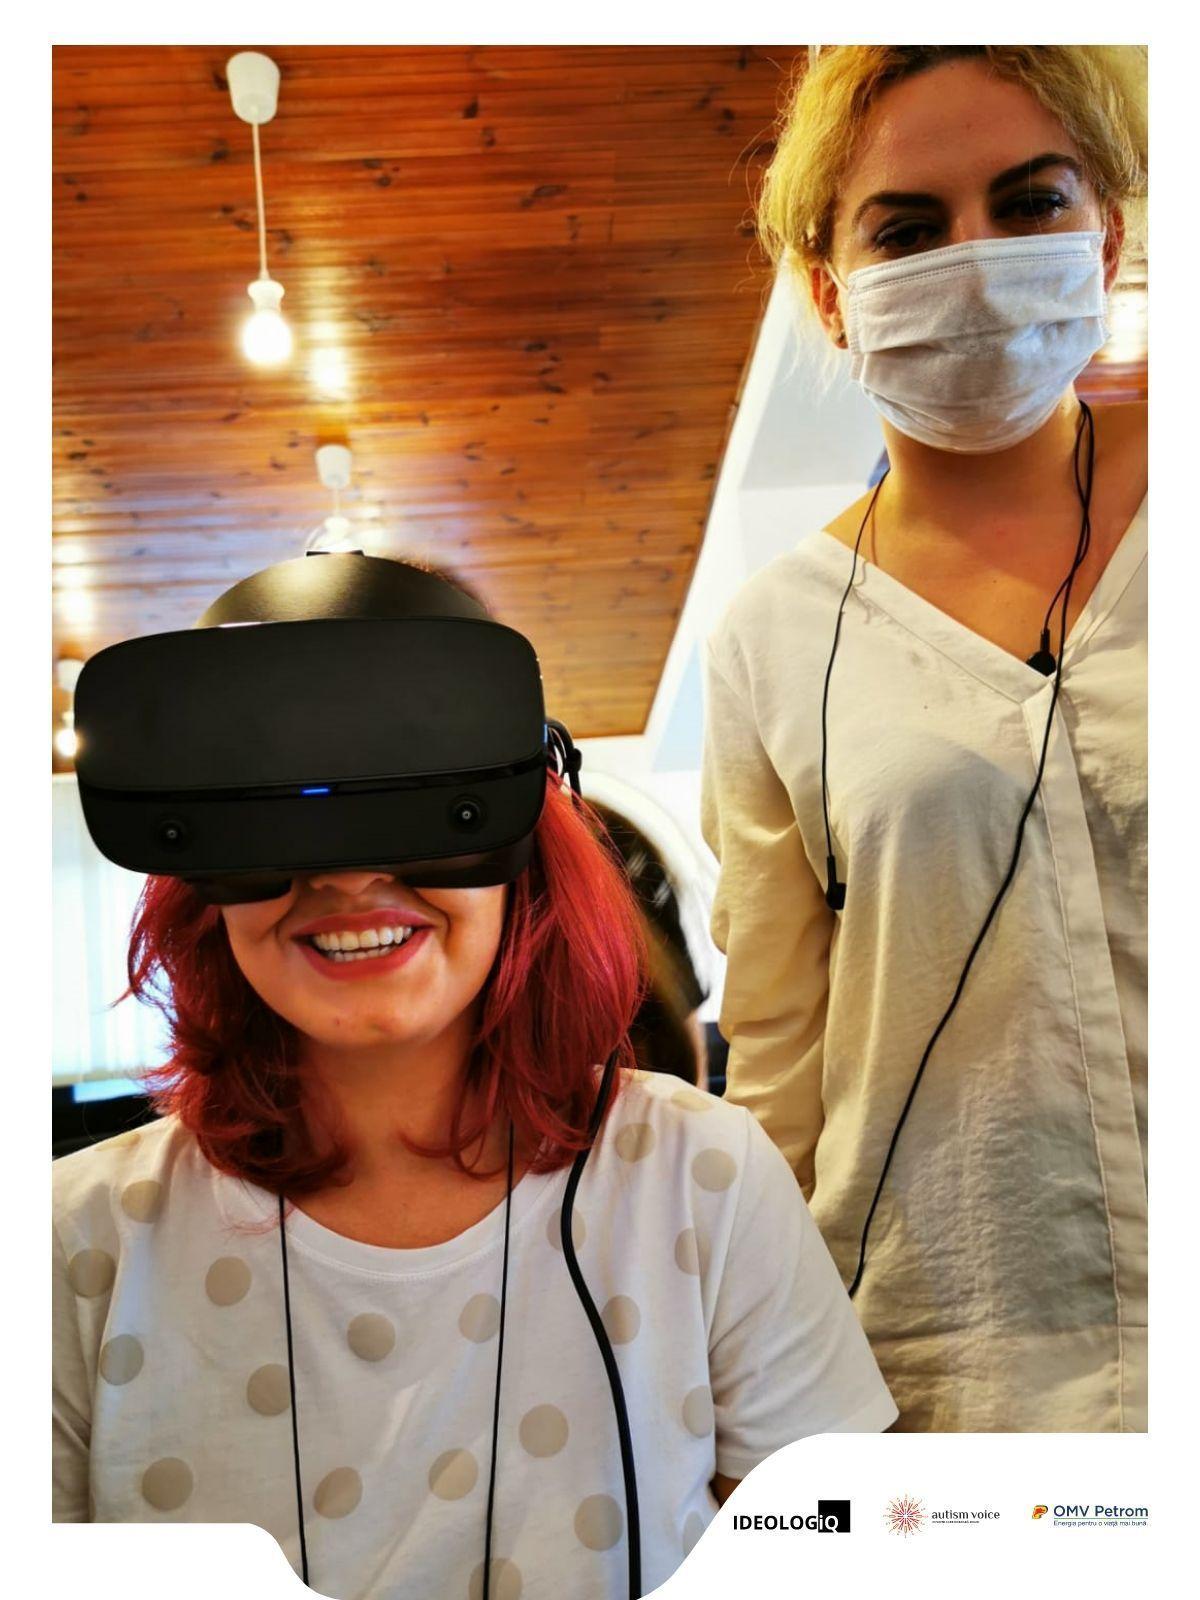 Realitatea virtuală pentru integrarea socială, pentru prima oară în România!